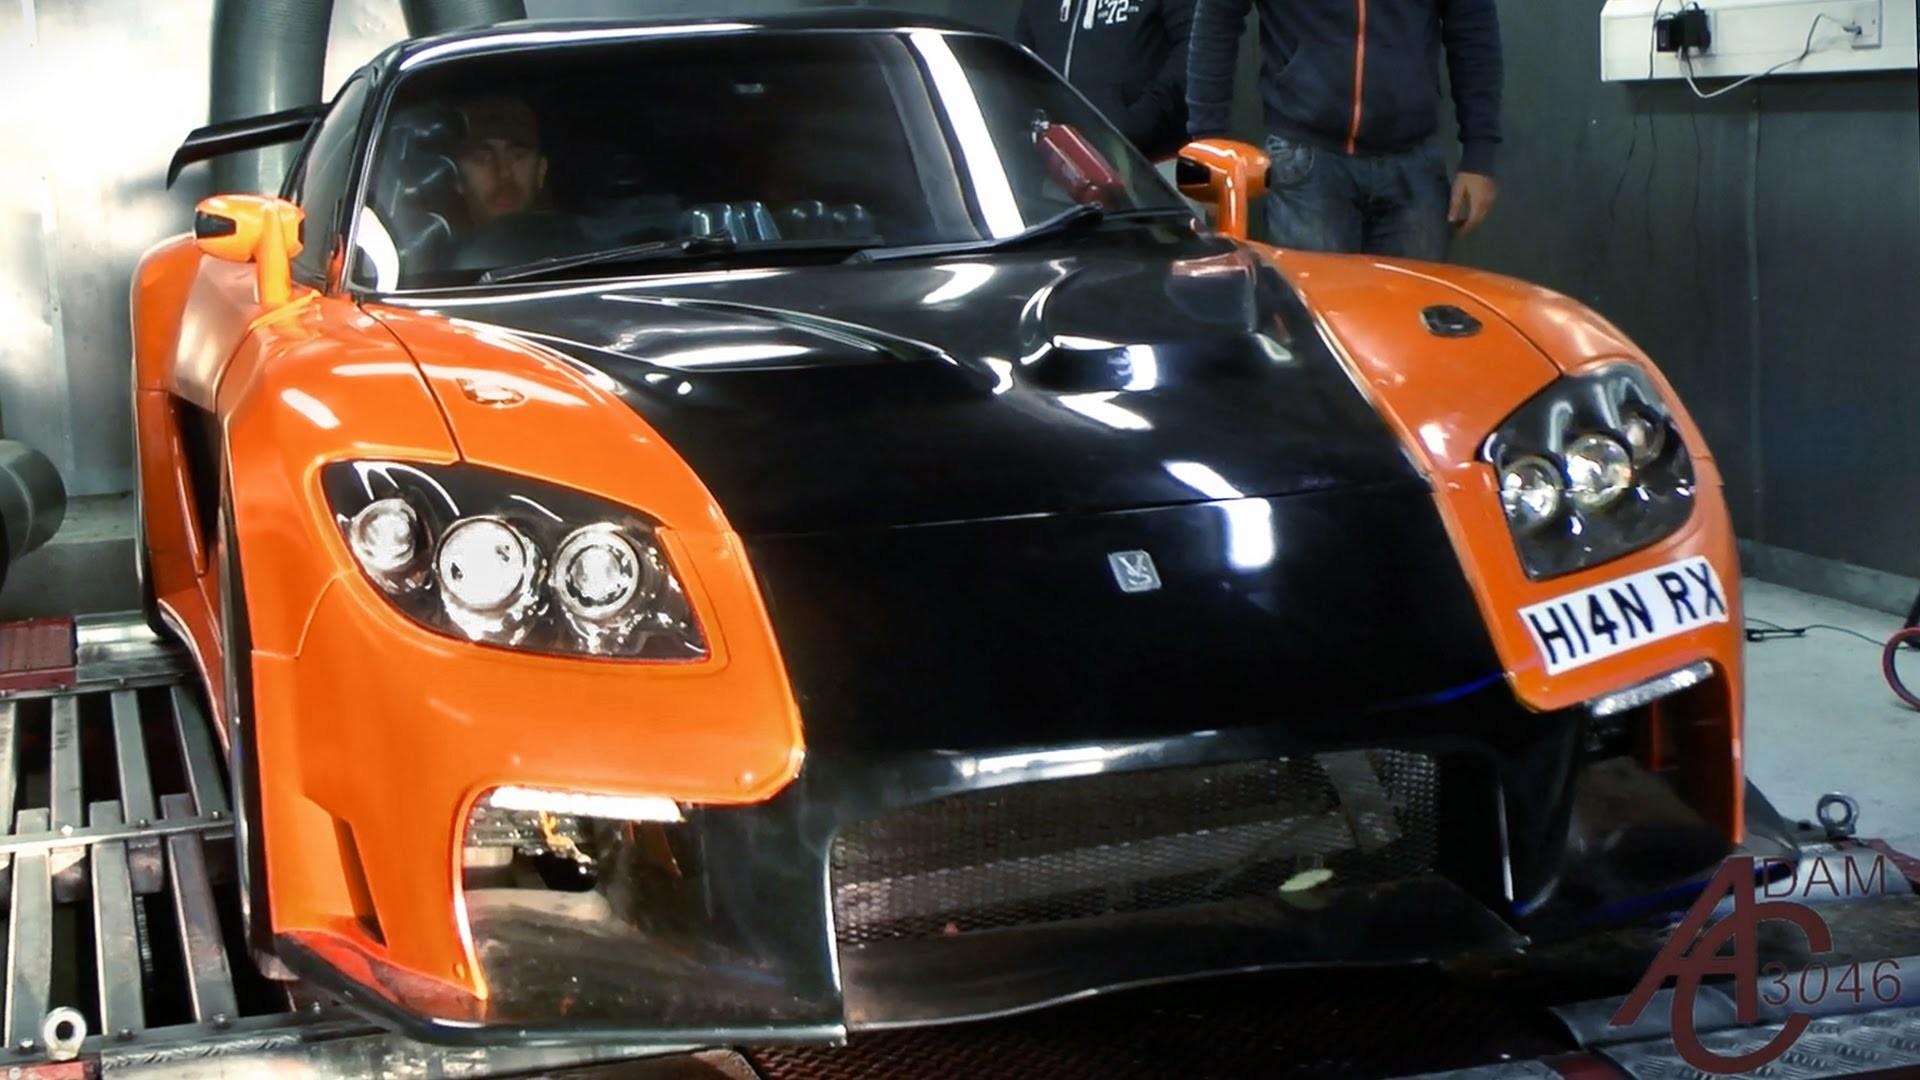 Mazda RX7 VeilSide JDM Front Fire Car 2015 Wallpapers El Tony Cars